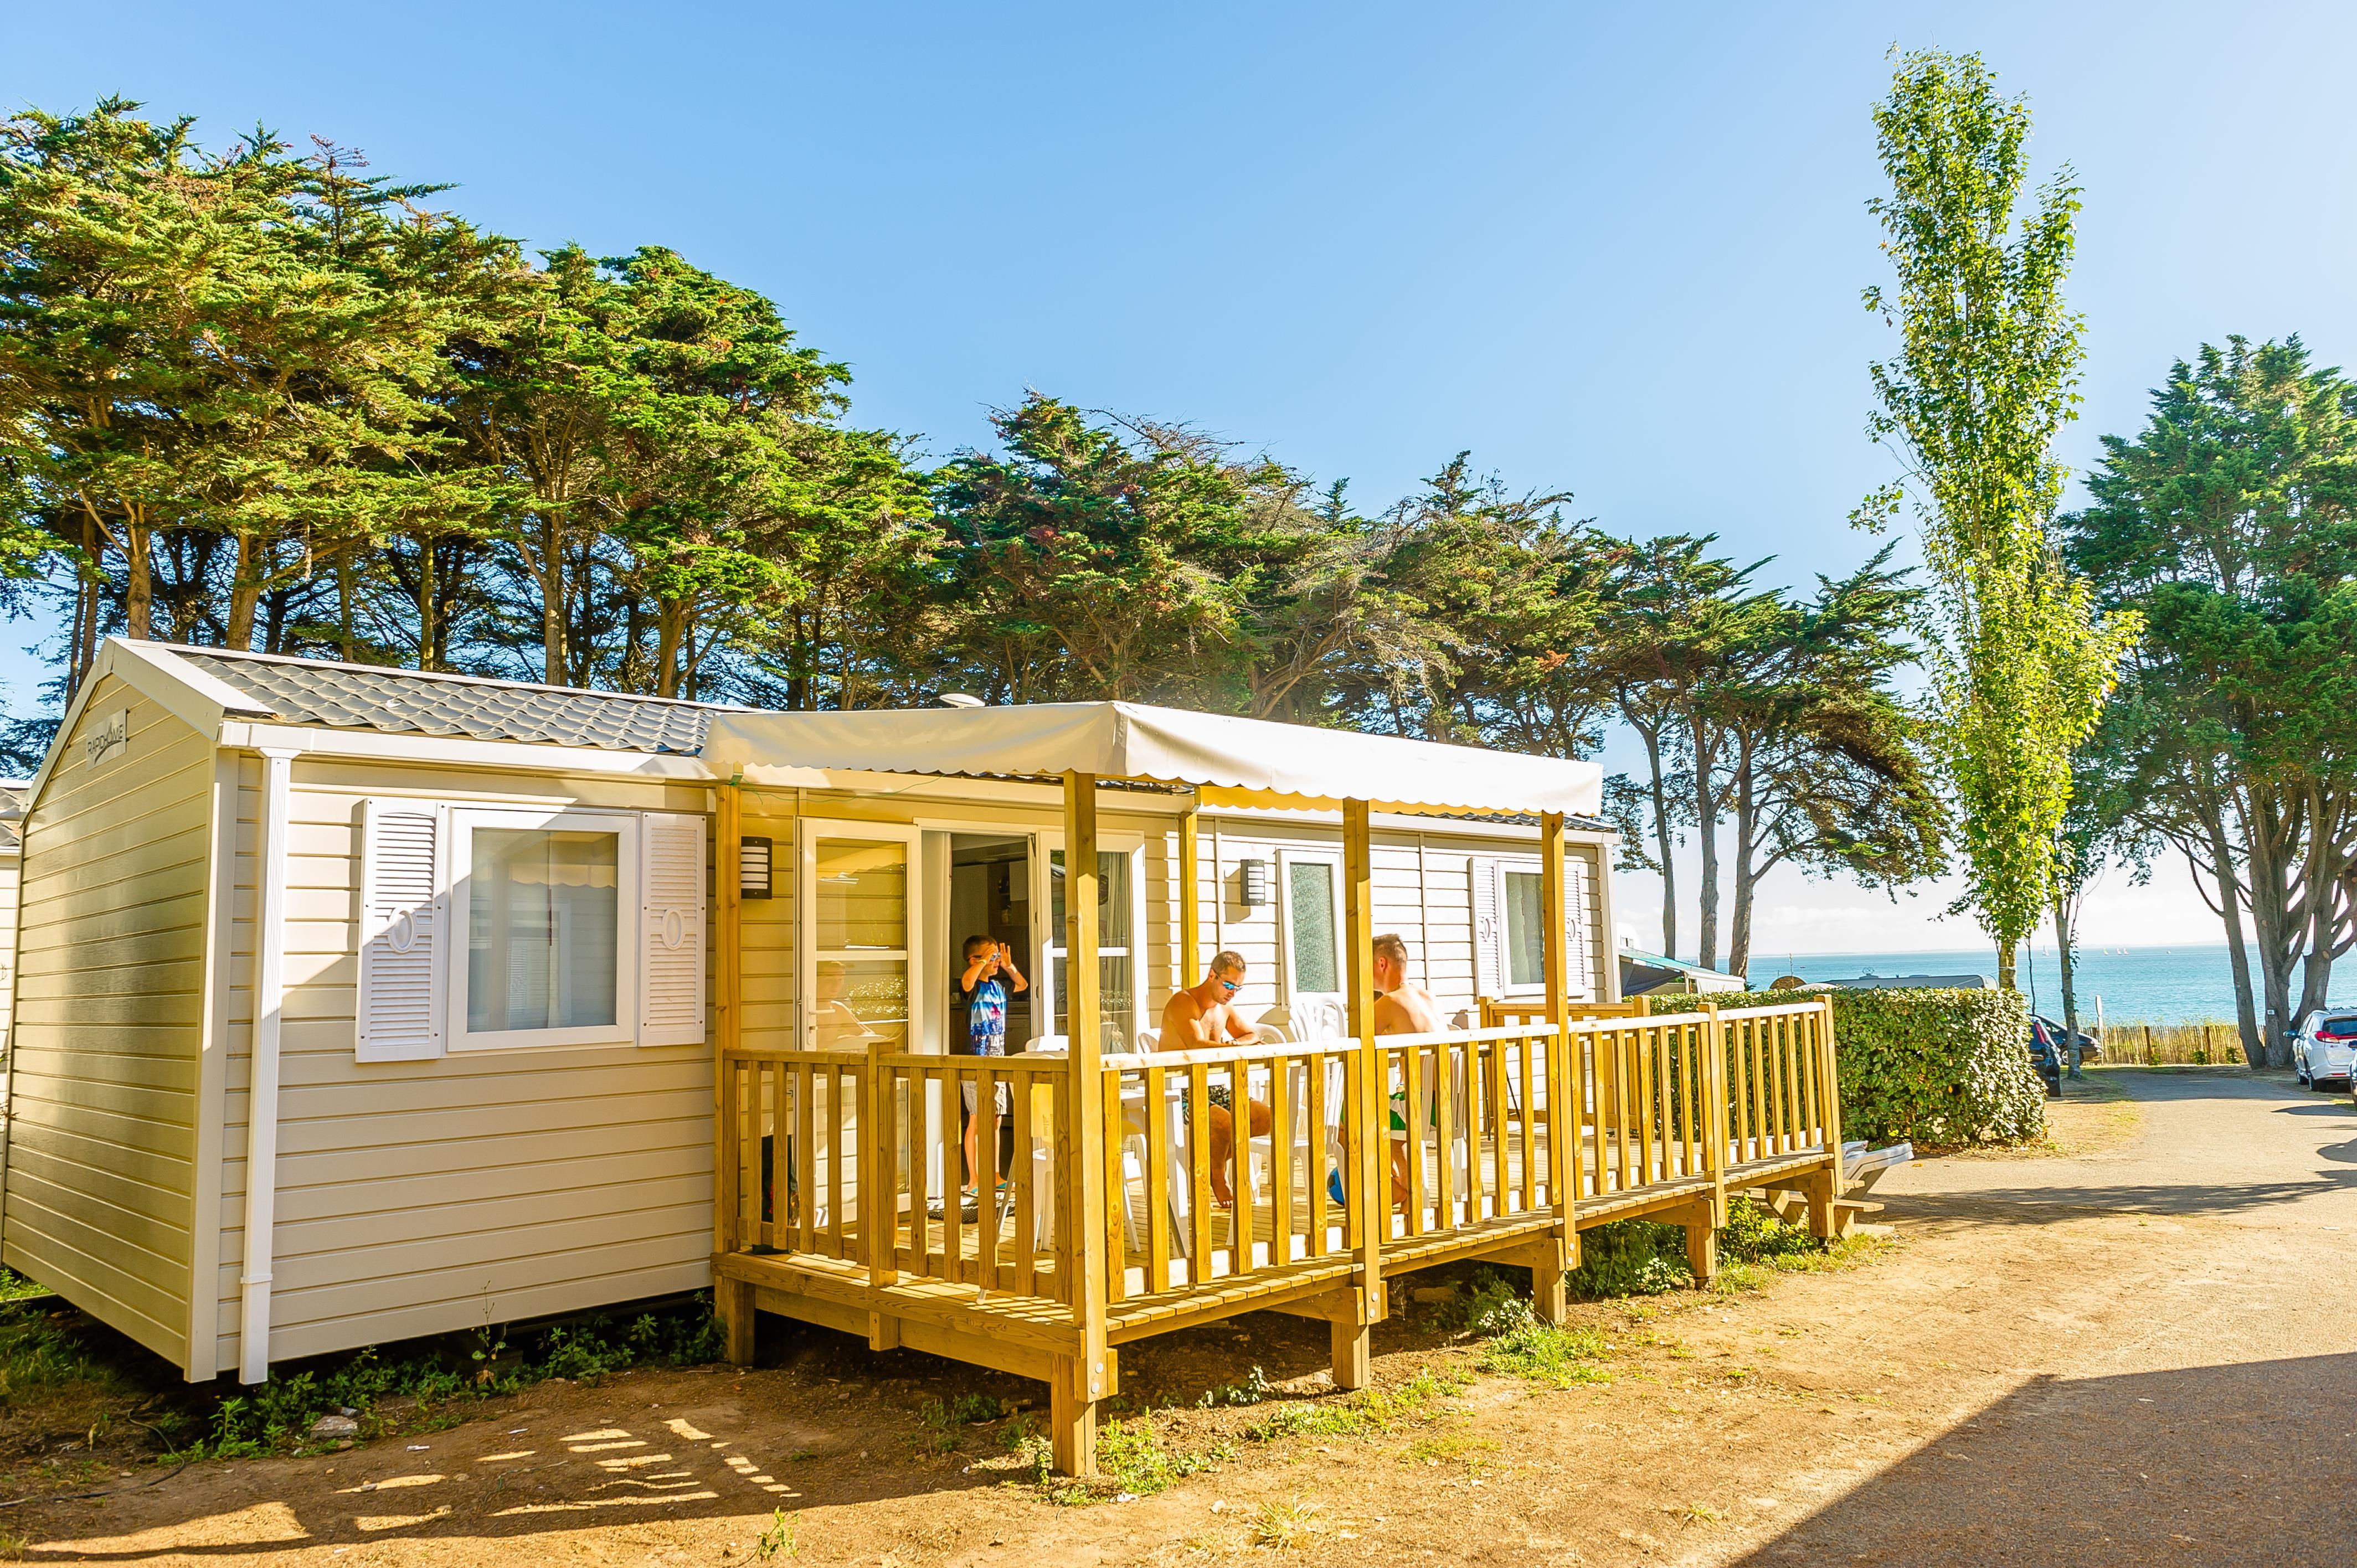 Camping le Conguel, Quiberon, Morbihan